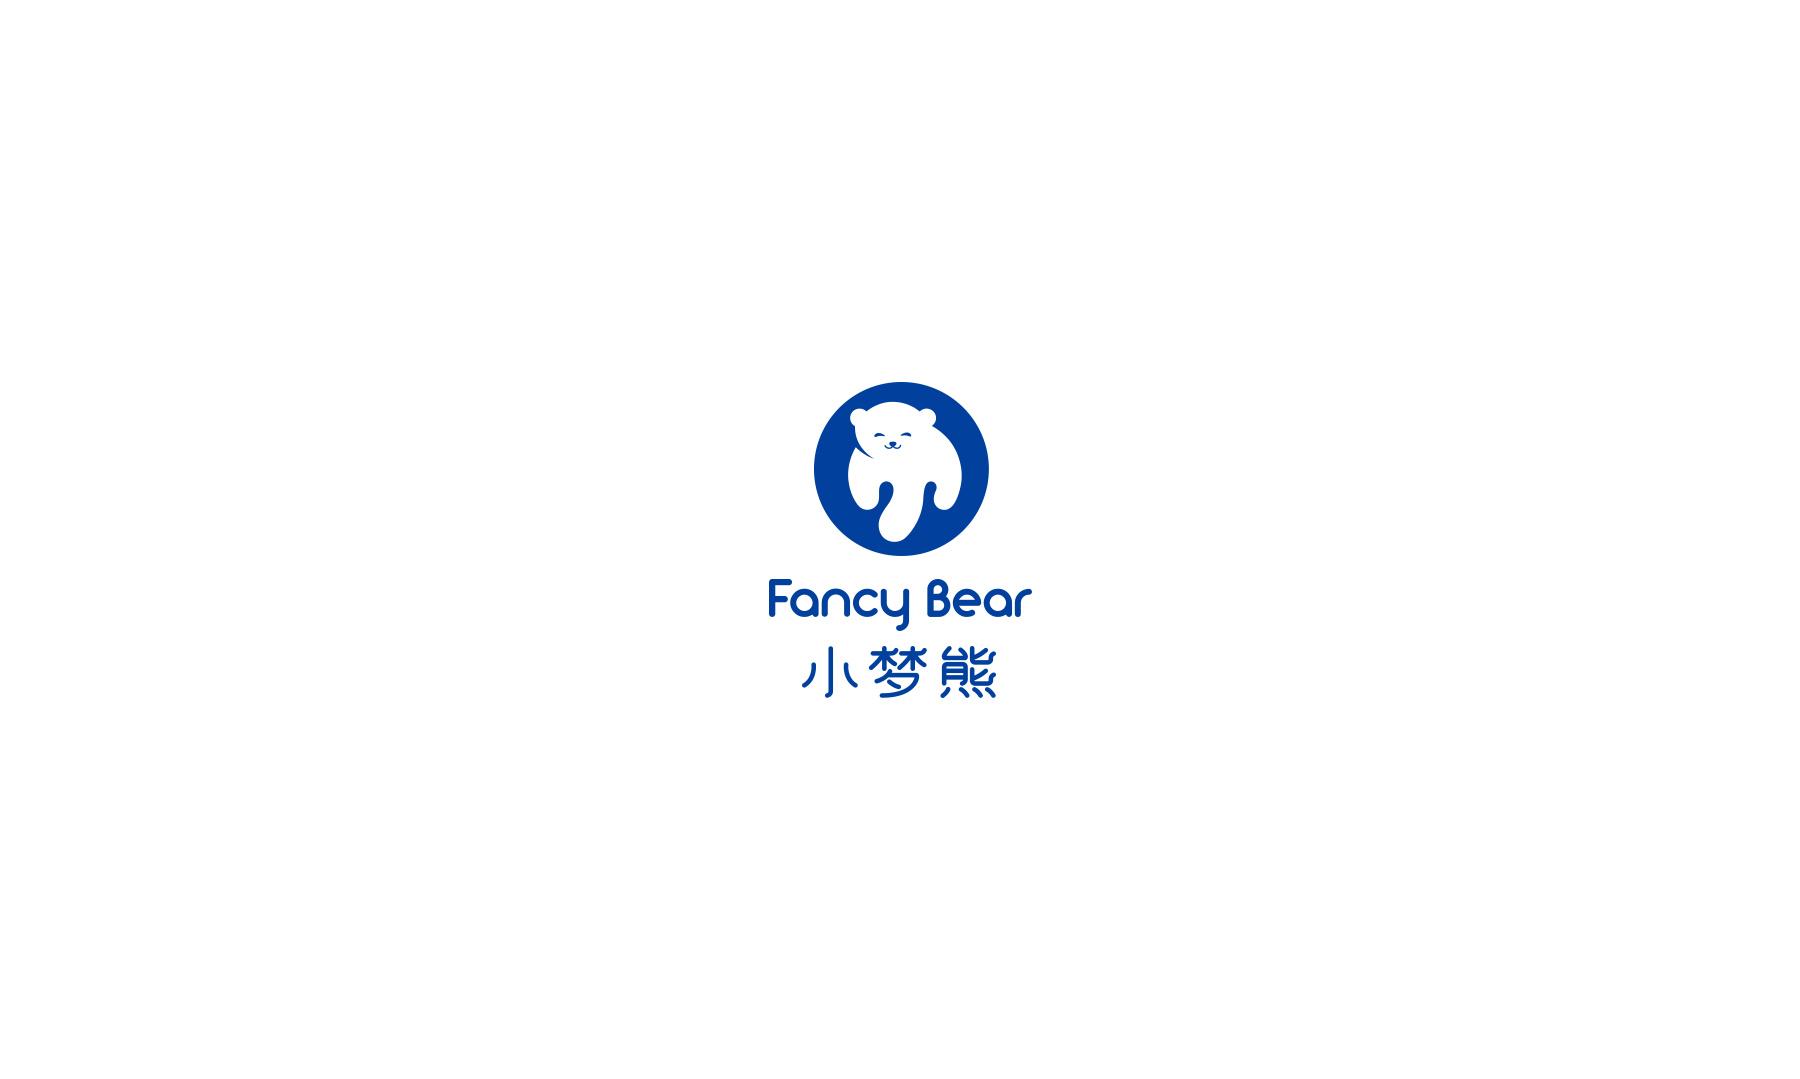 小梦熊-包装展示页面_01.jpg